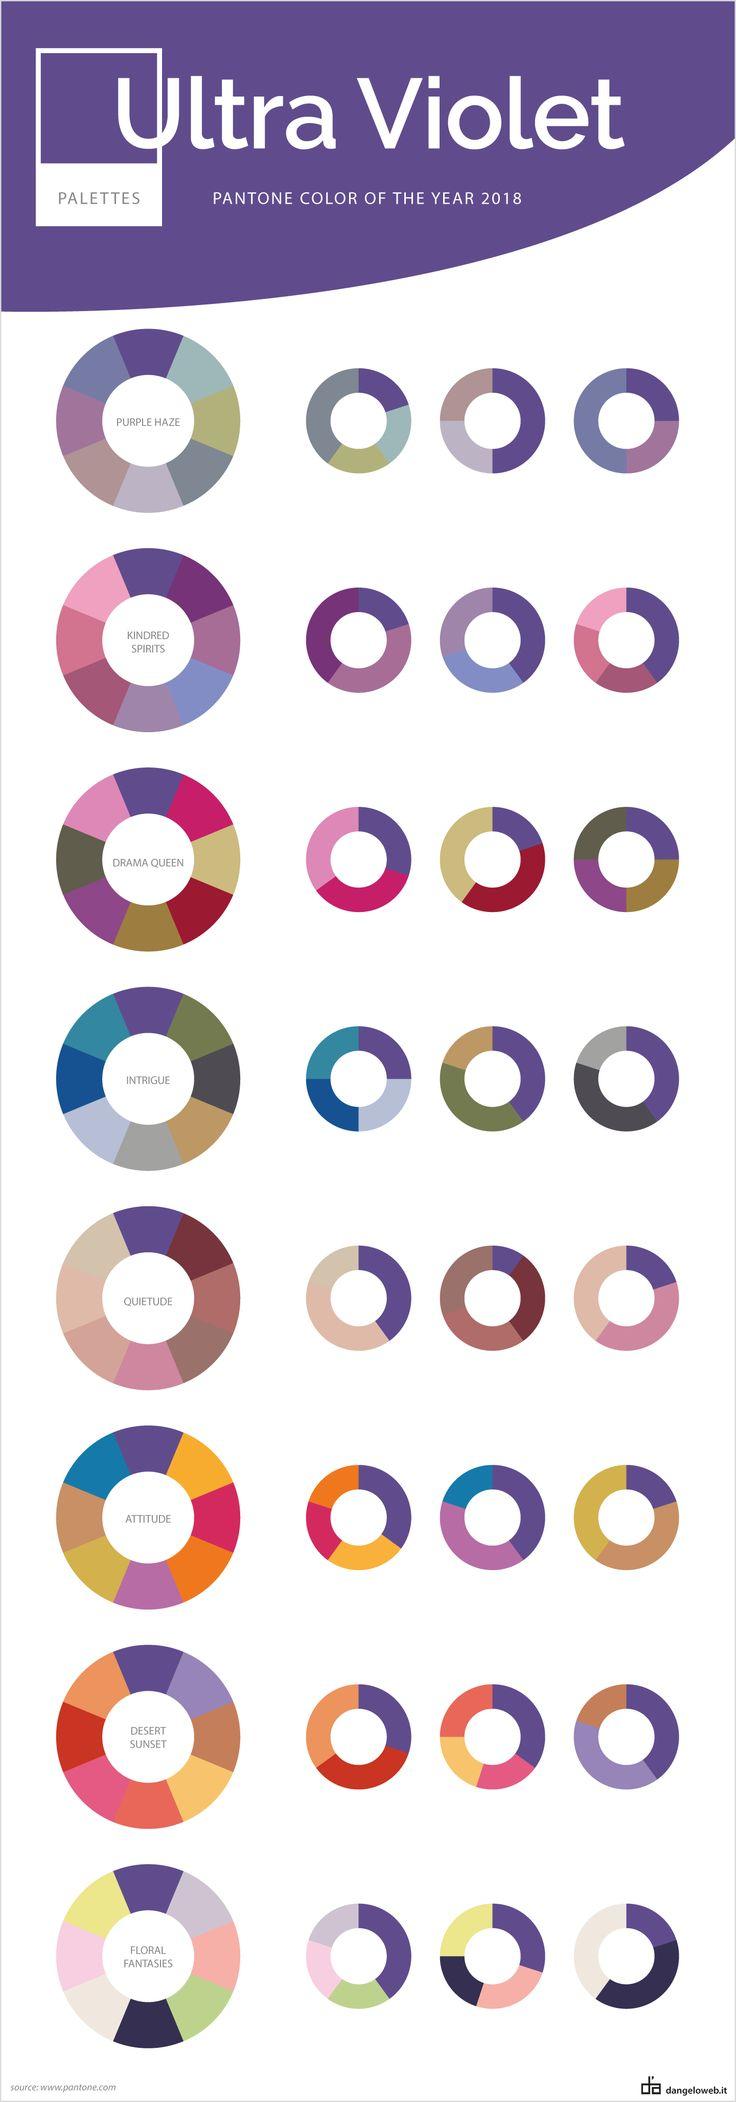 Ultra Violet Pantone dell'anno 2018 - palette - dangeloweb